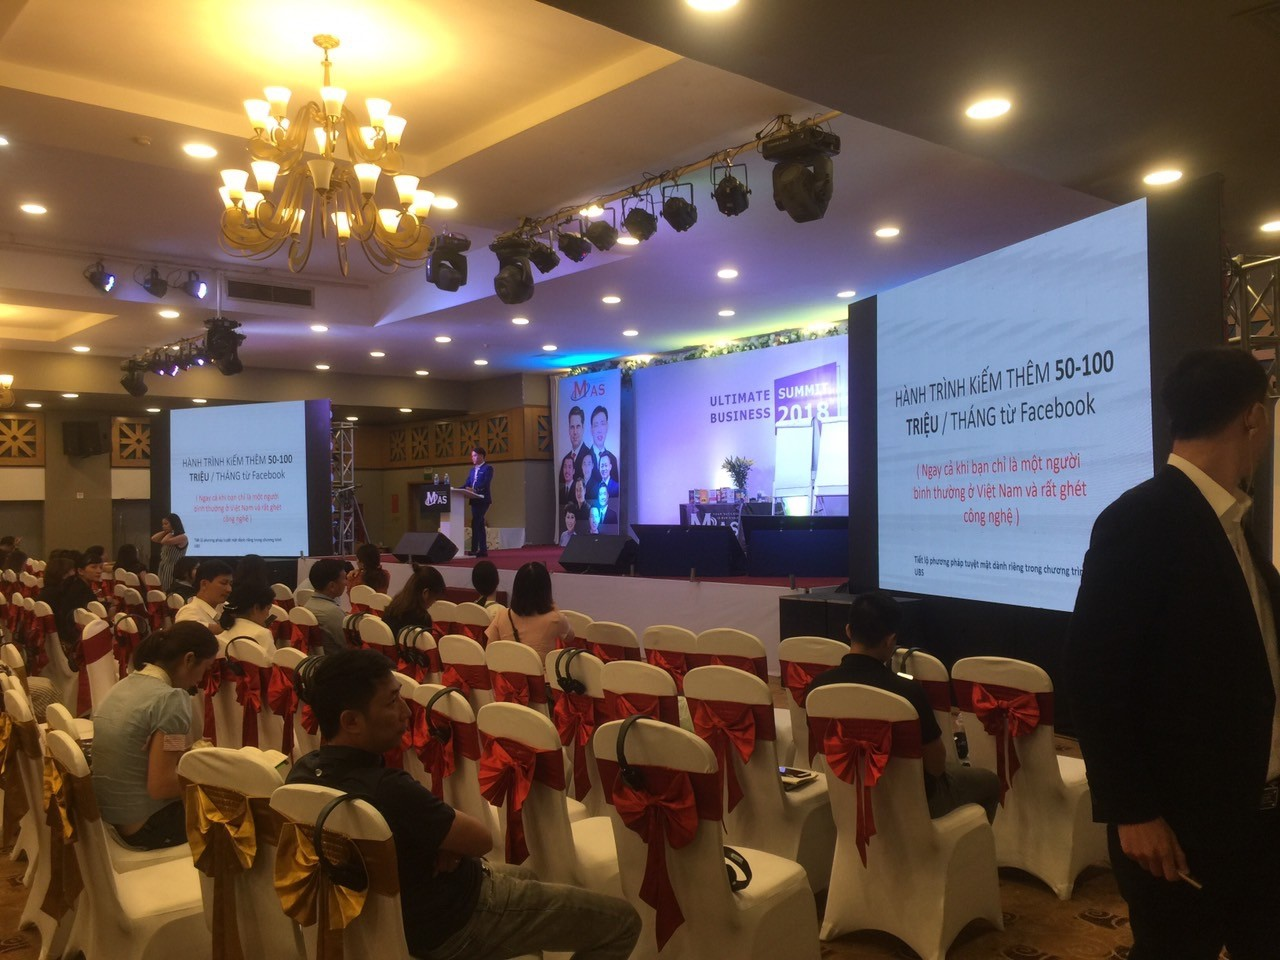 Cho thuê màn hình led phục vụ hội nghị - hội thảo